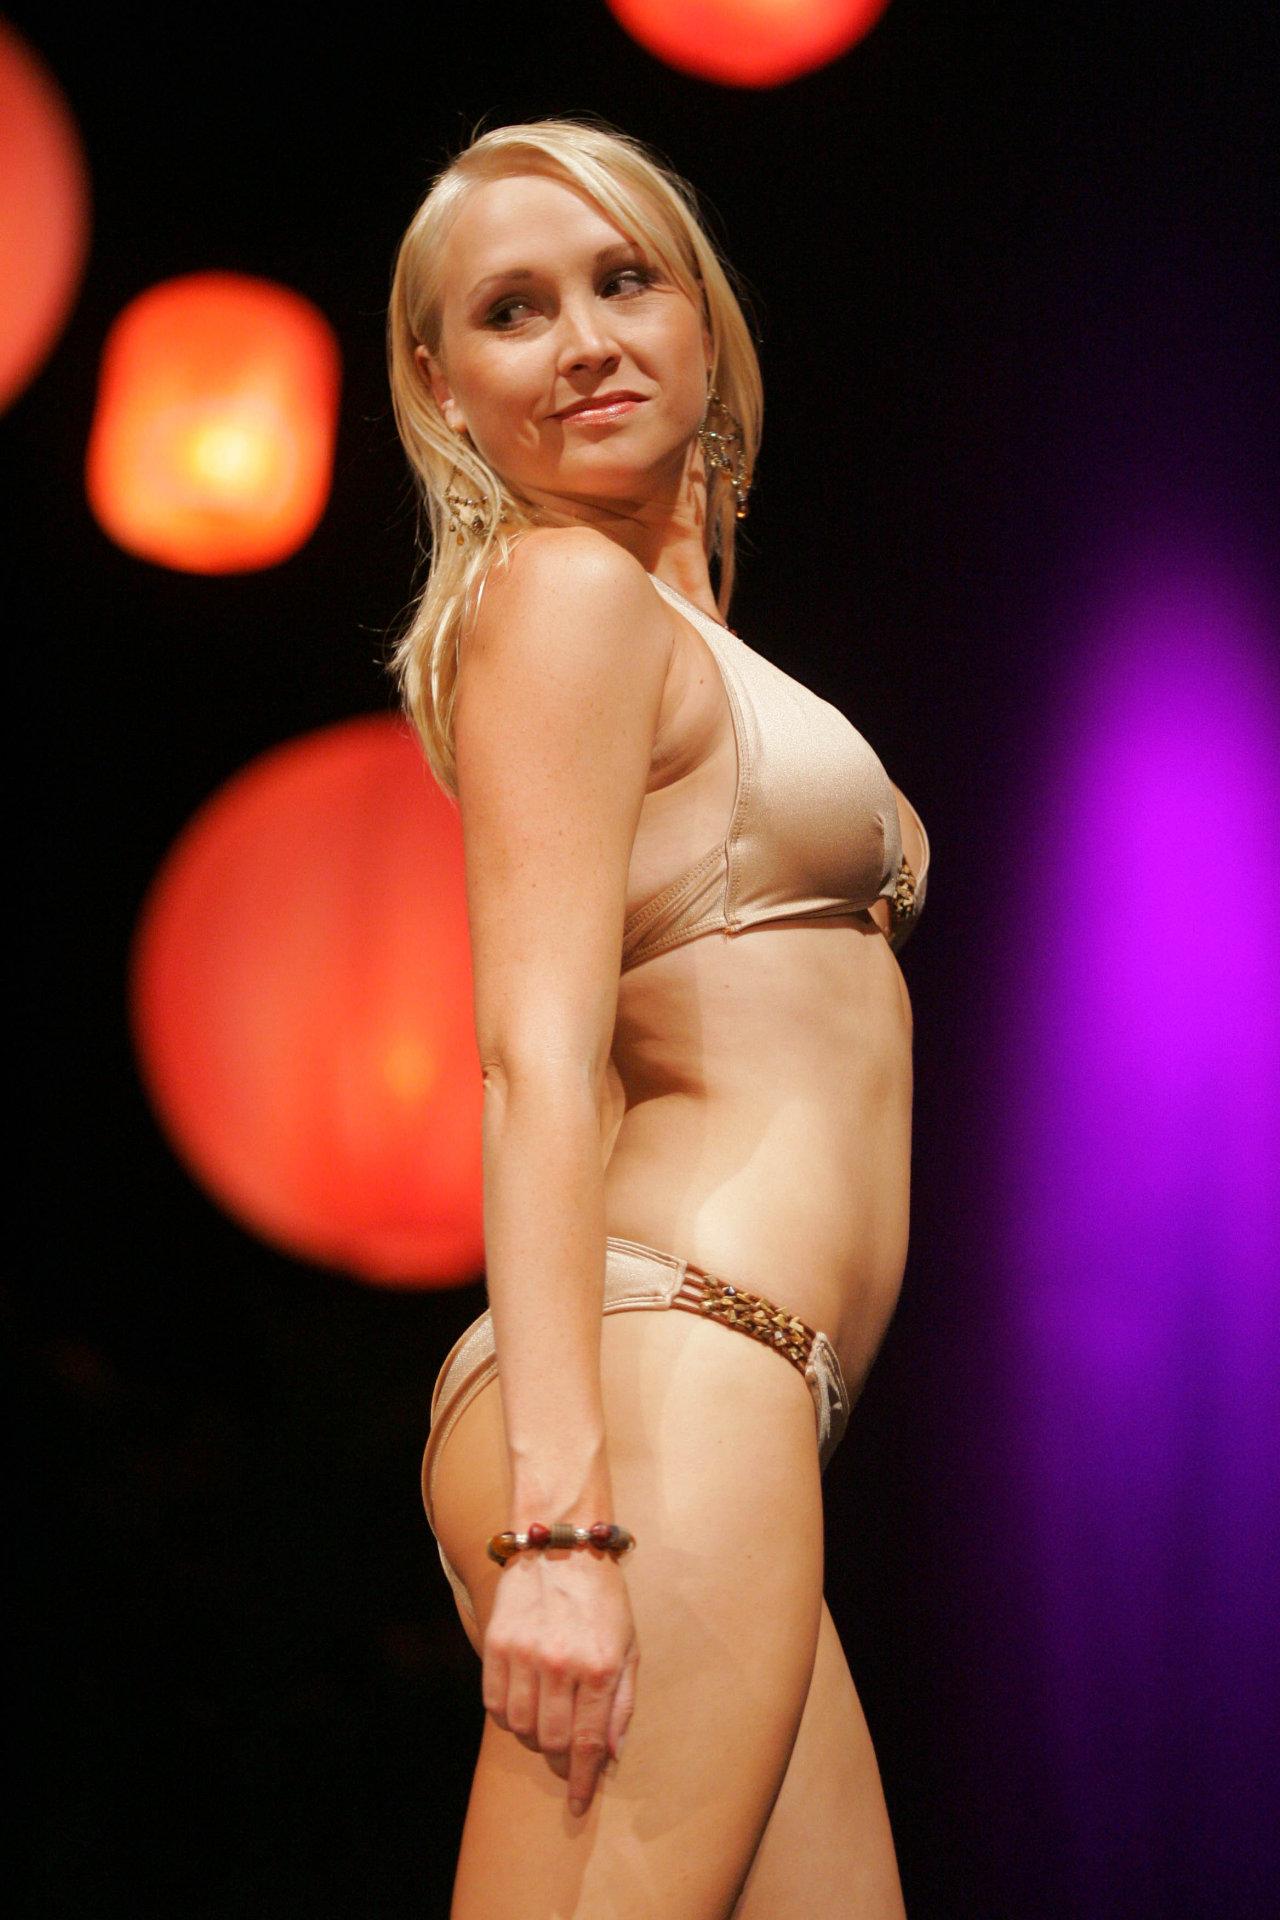 Алана Керри голая. Фото - 4